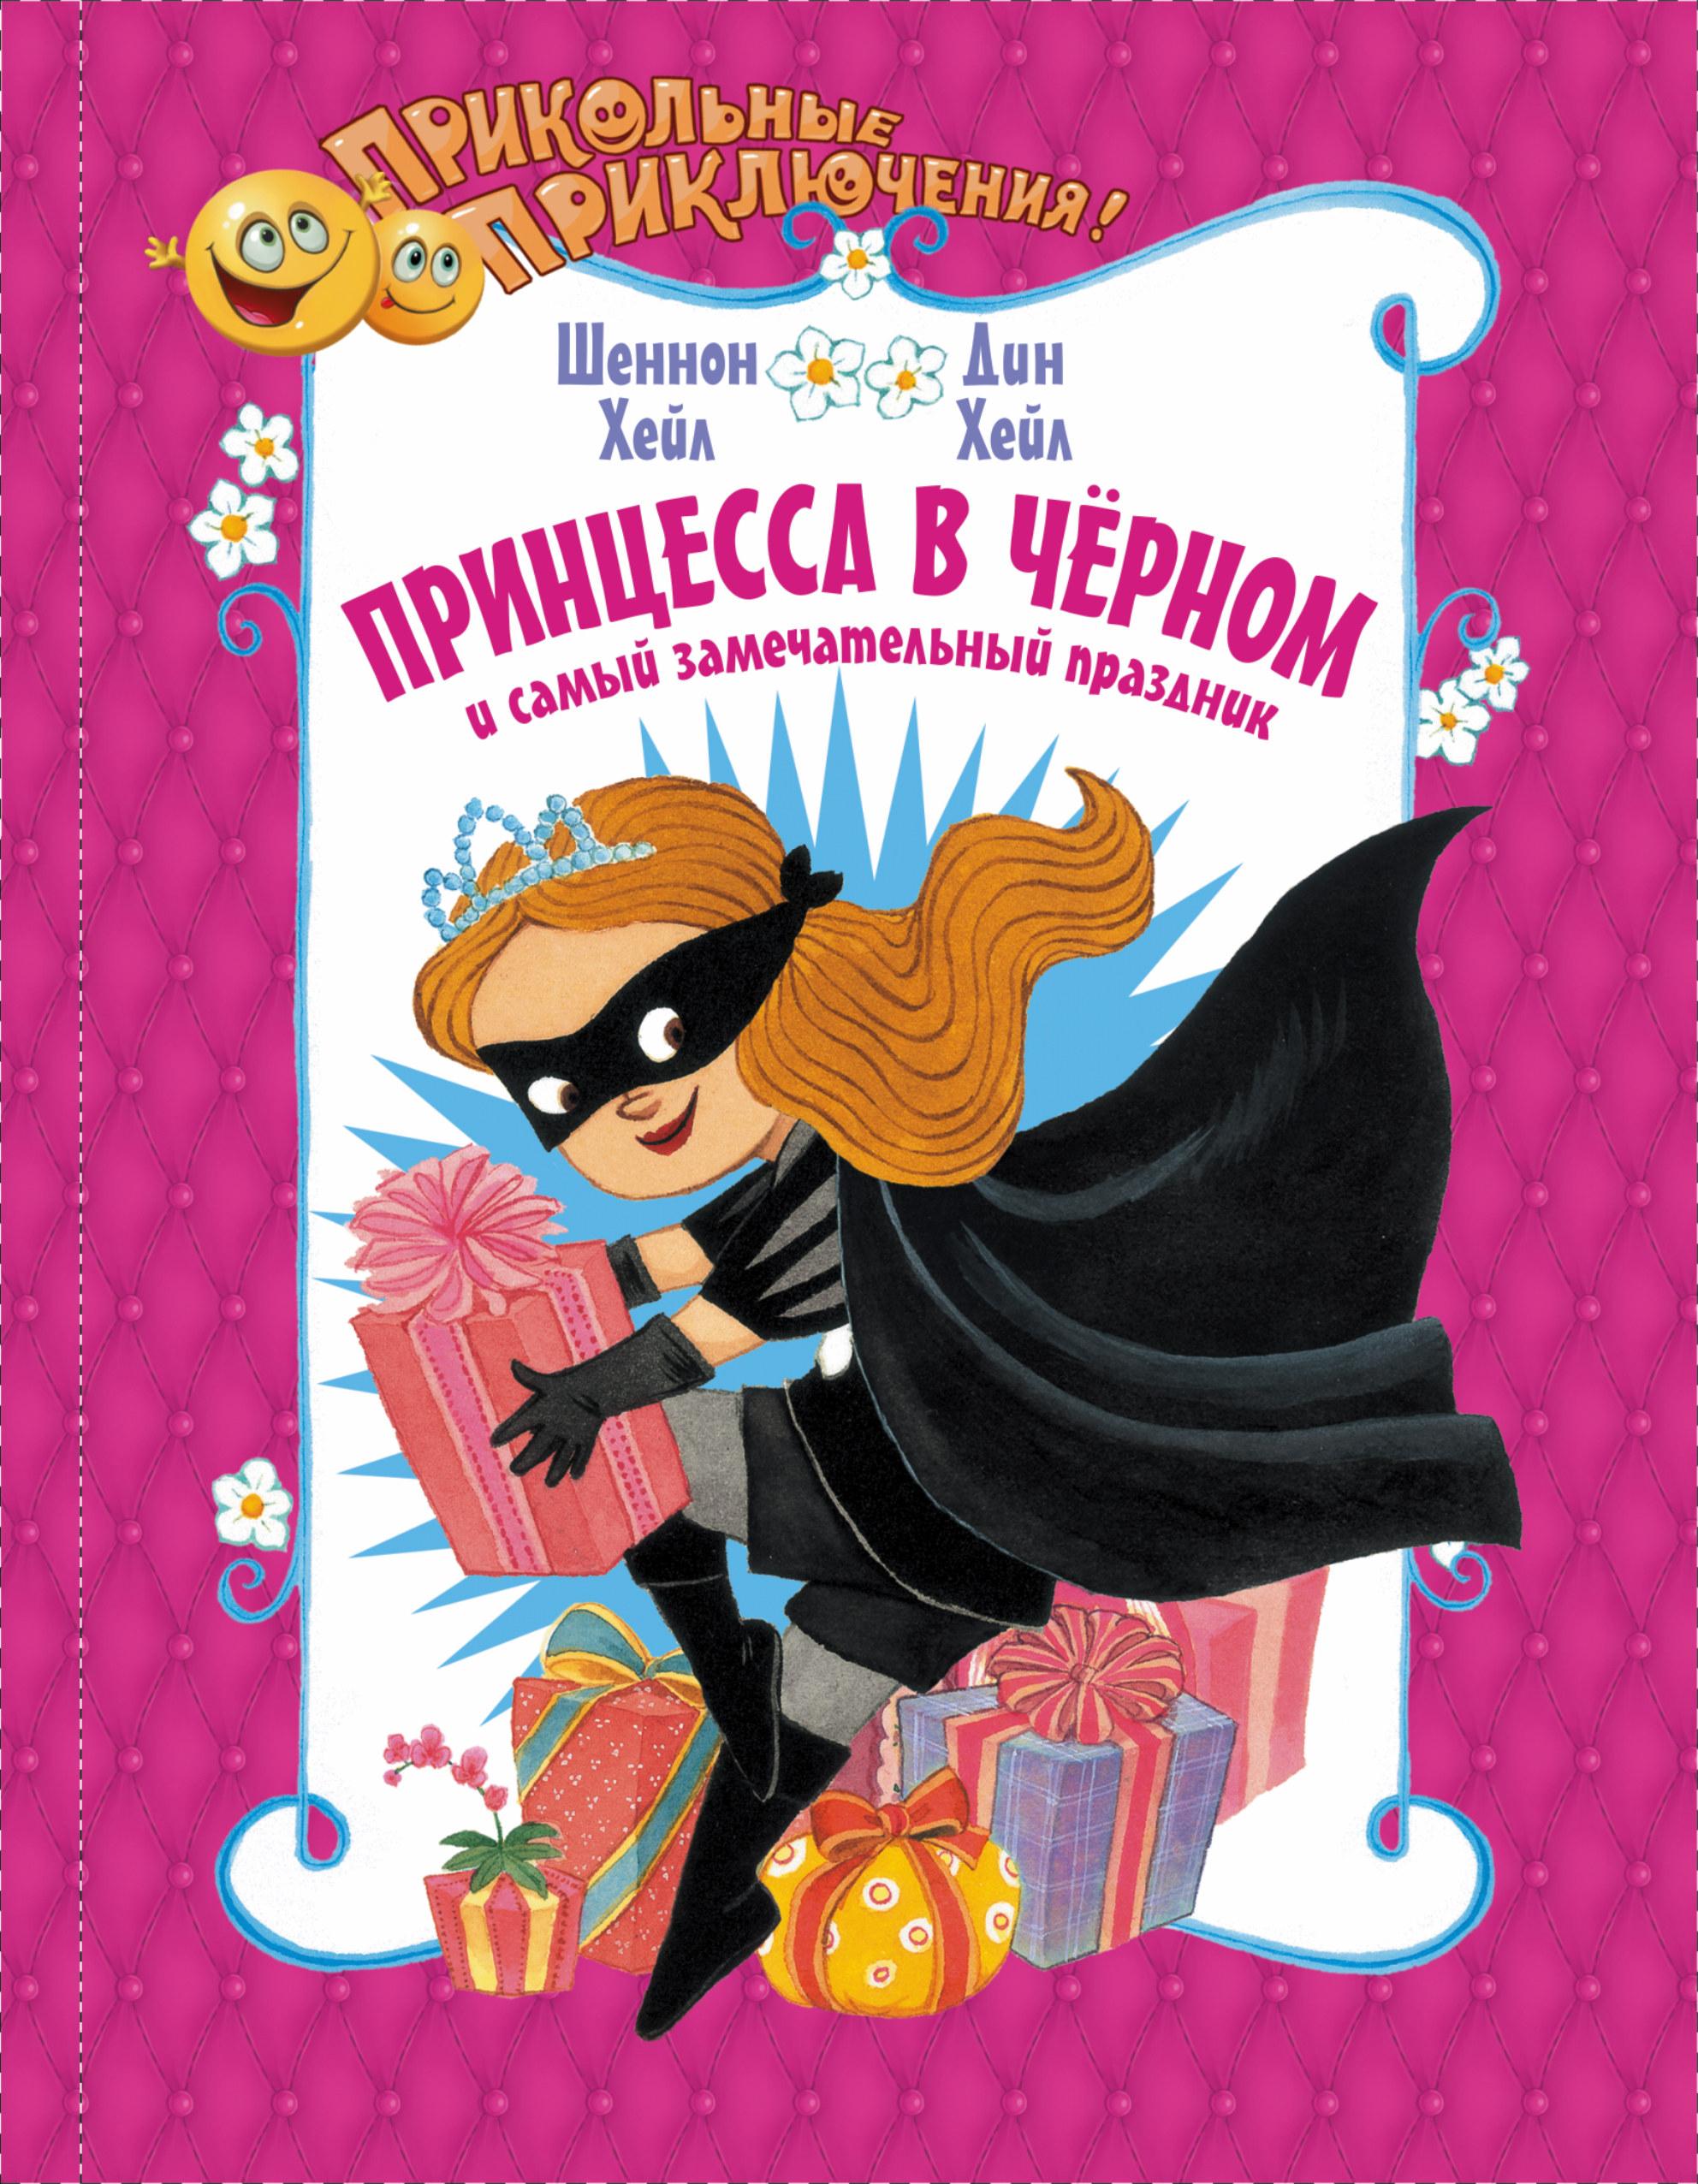 Хейл Ш., Хейл Д. Принцесса в чёрном и самый замечательный праздник куплю не дорогое пышное вечернее платье б у